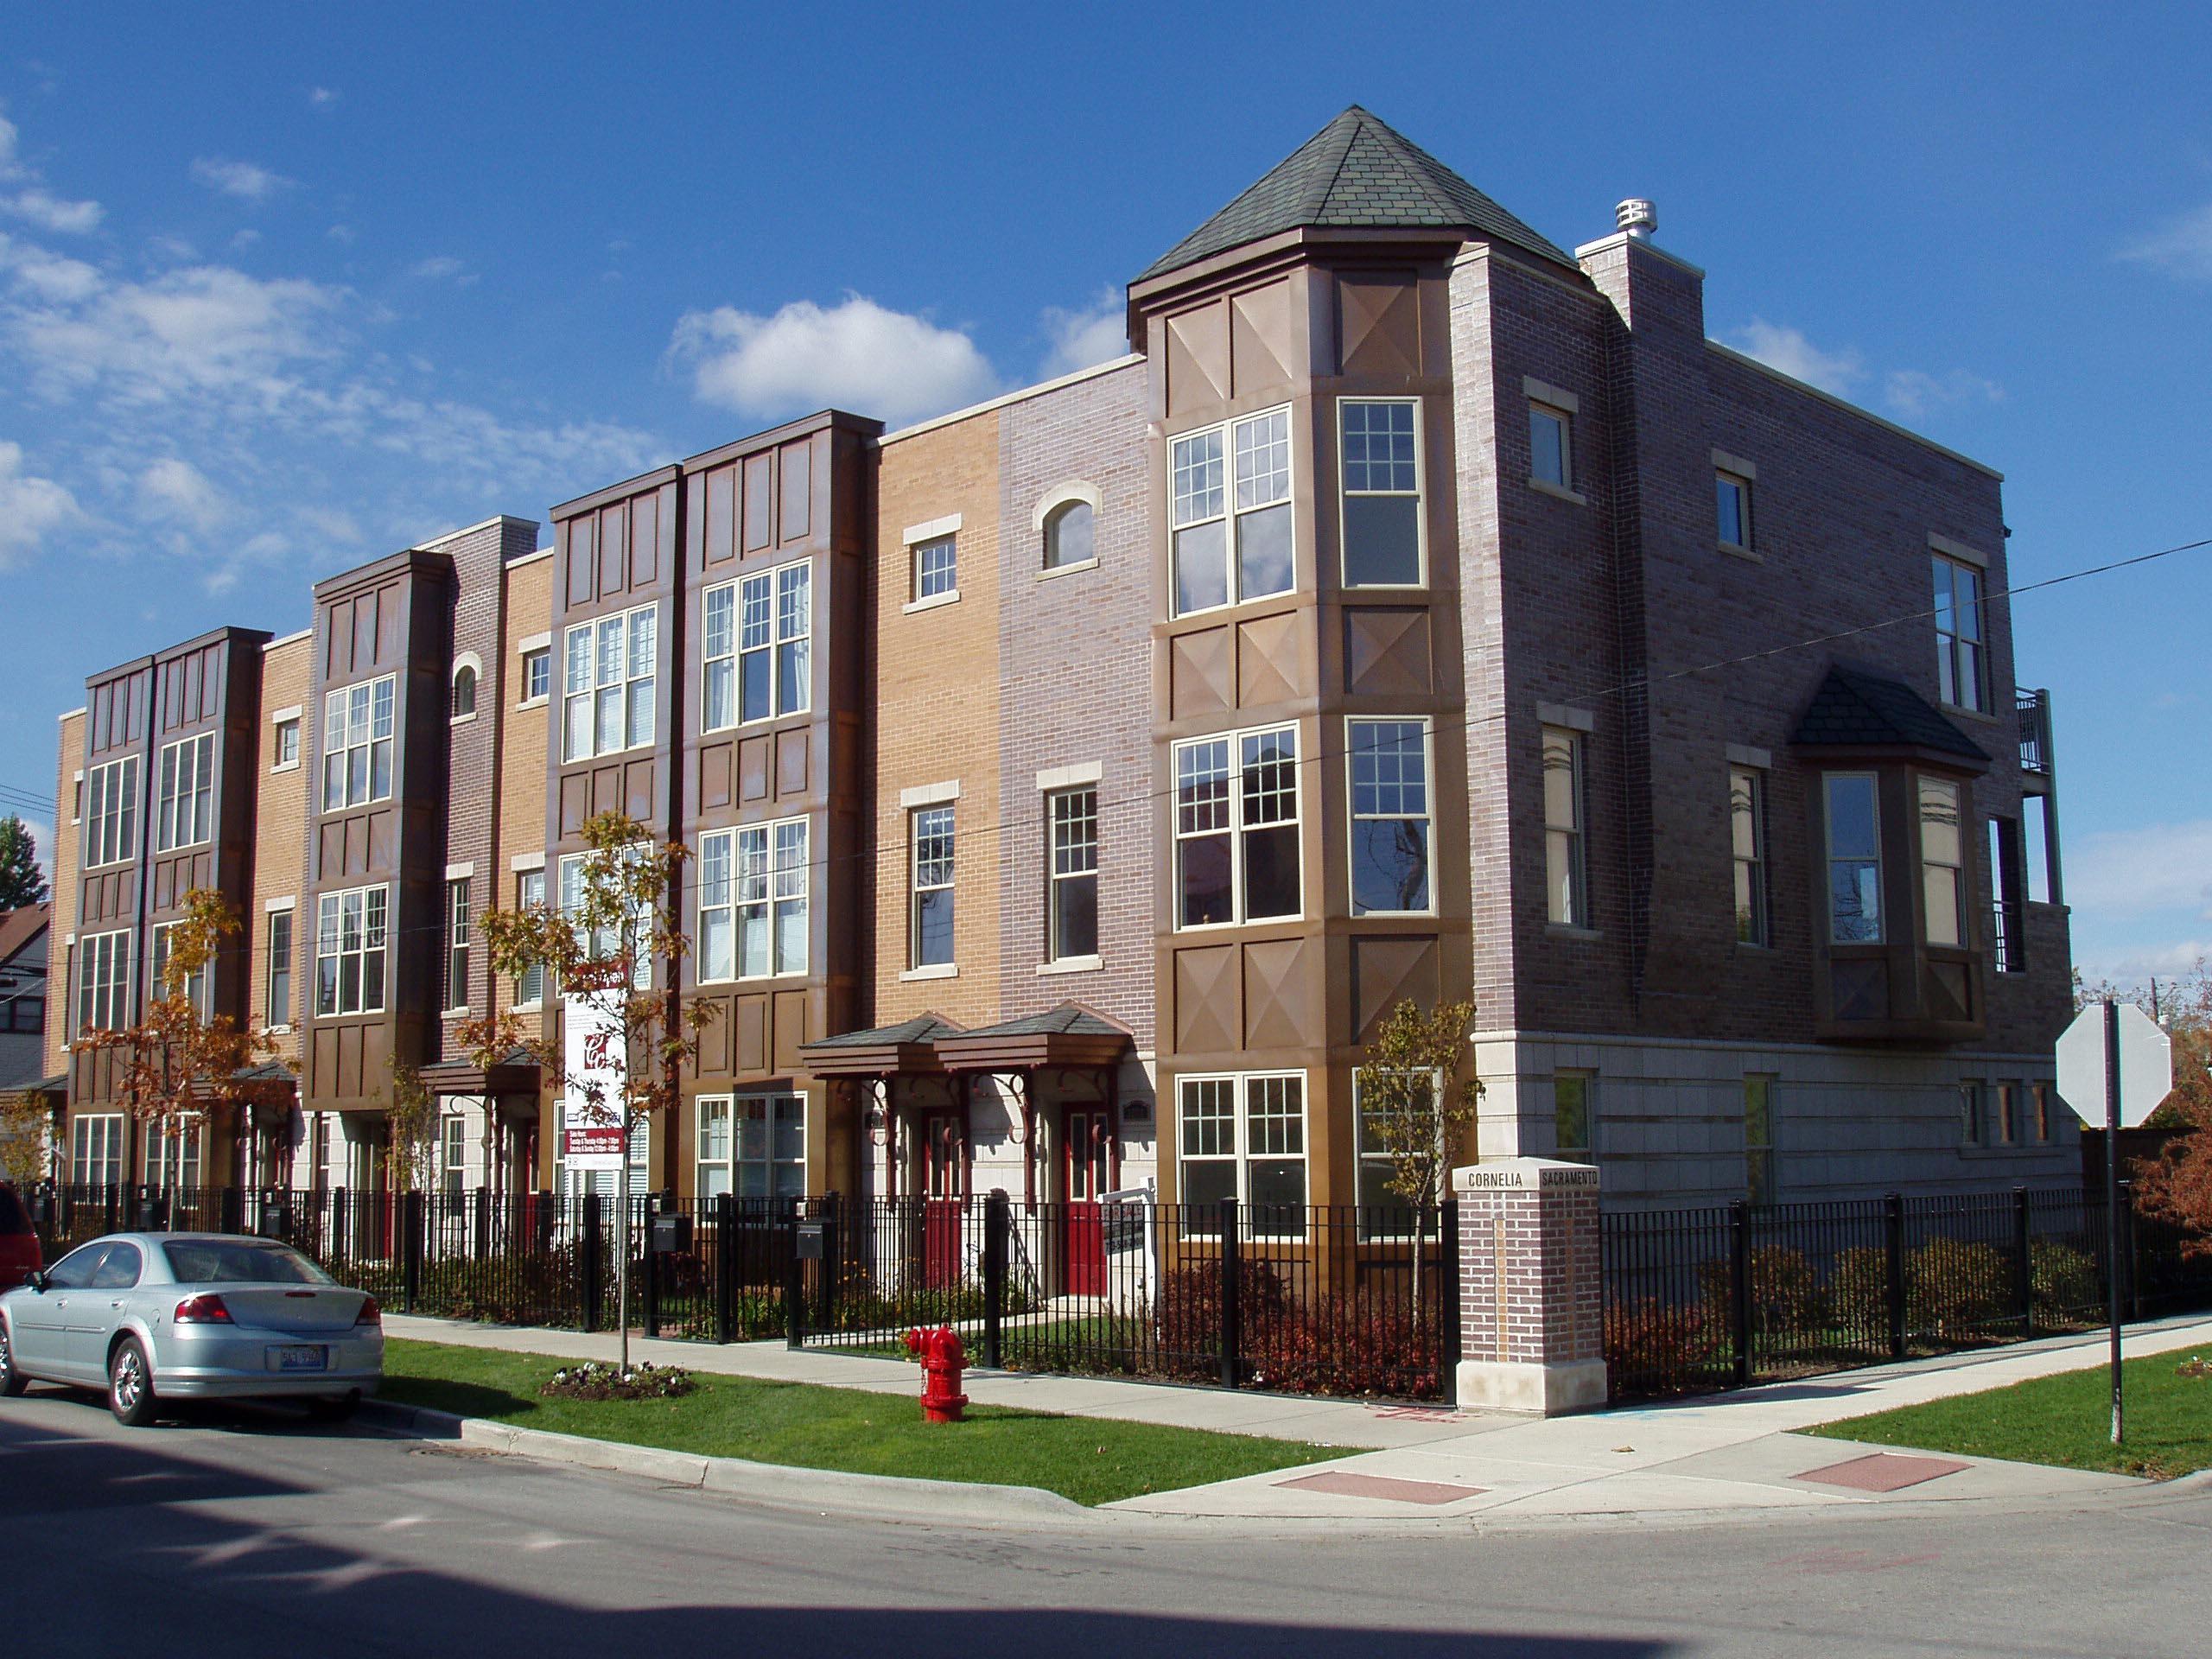 Cornelia Court, 3002 W. Cornelia Ave.